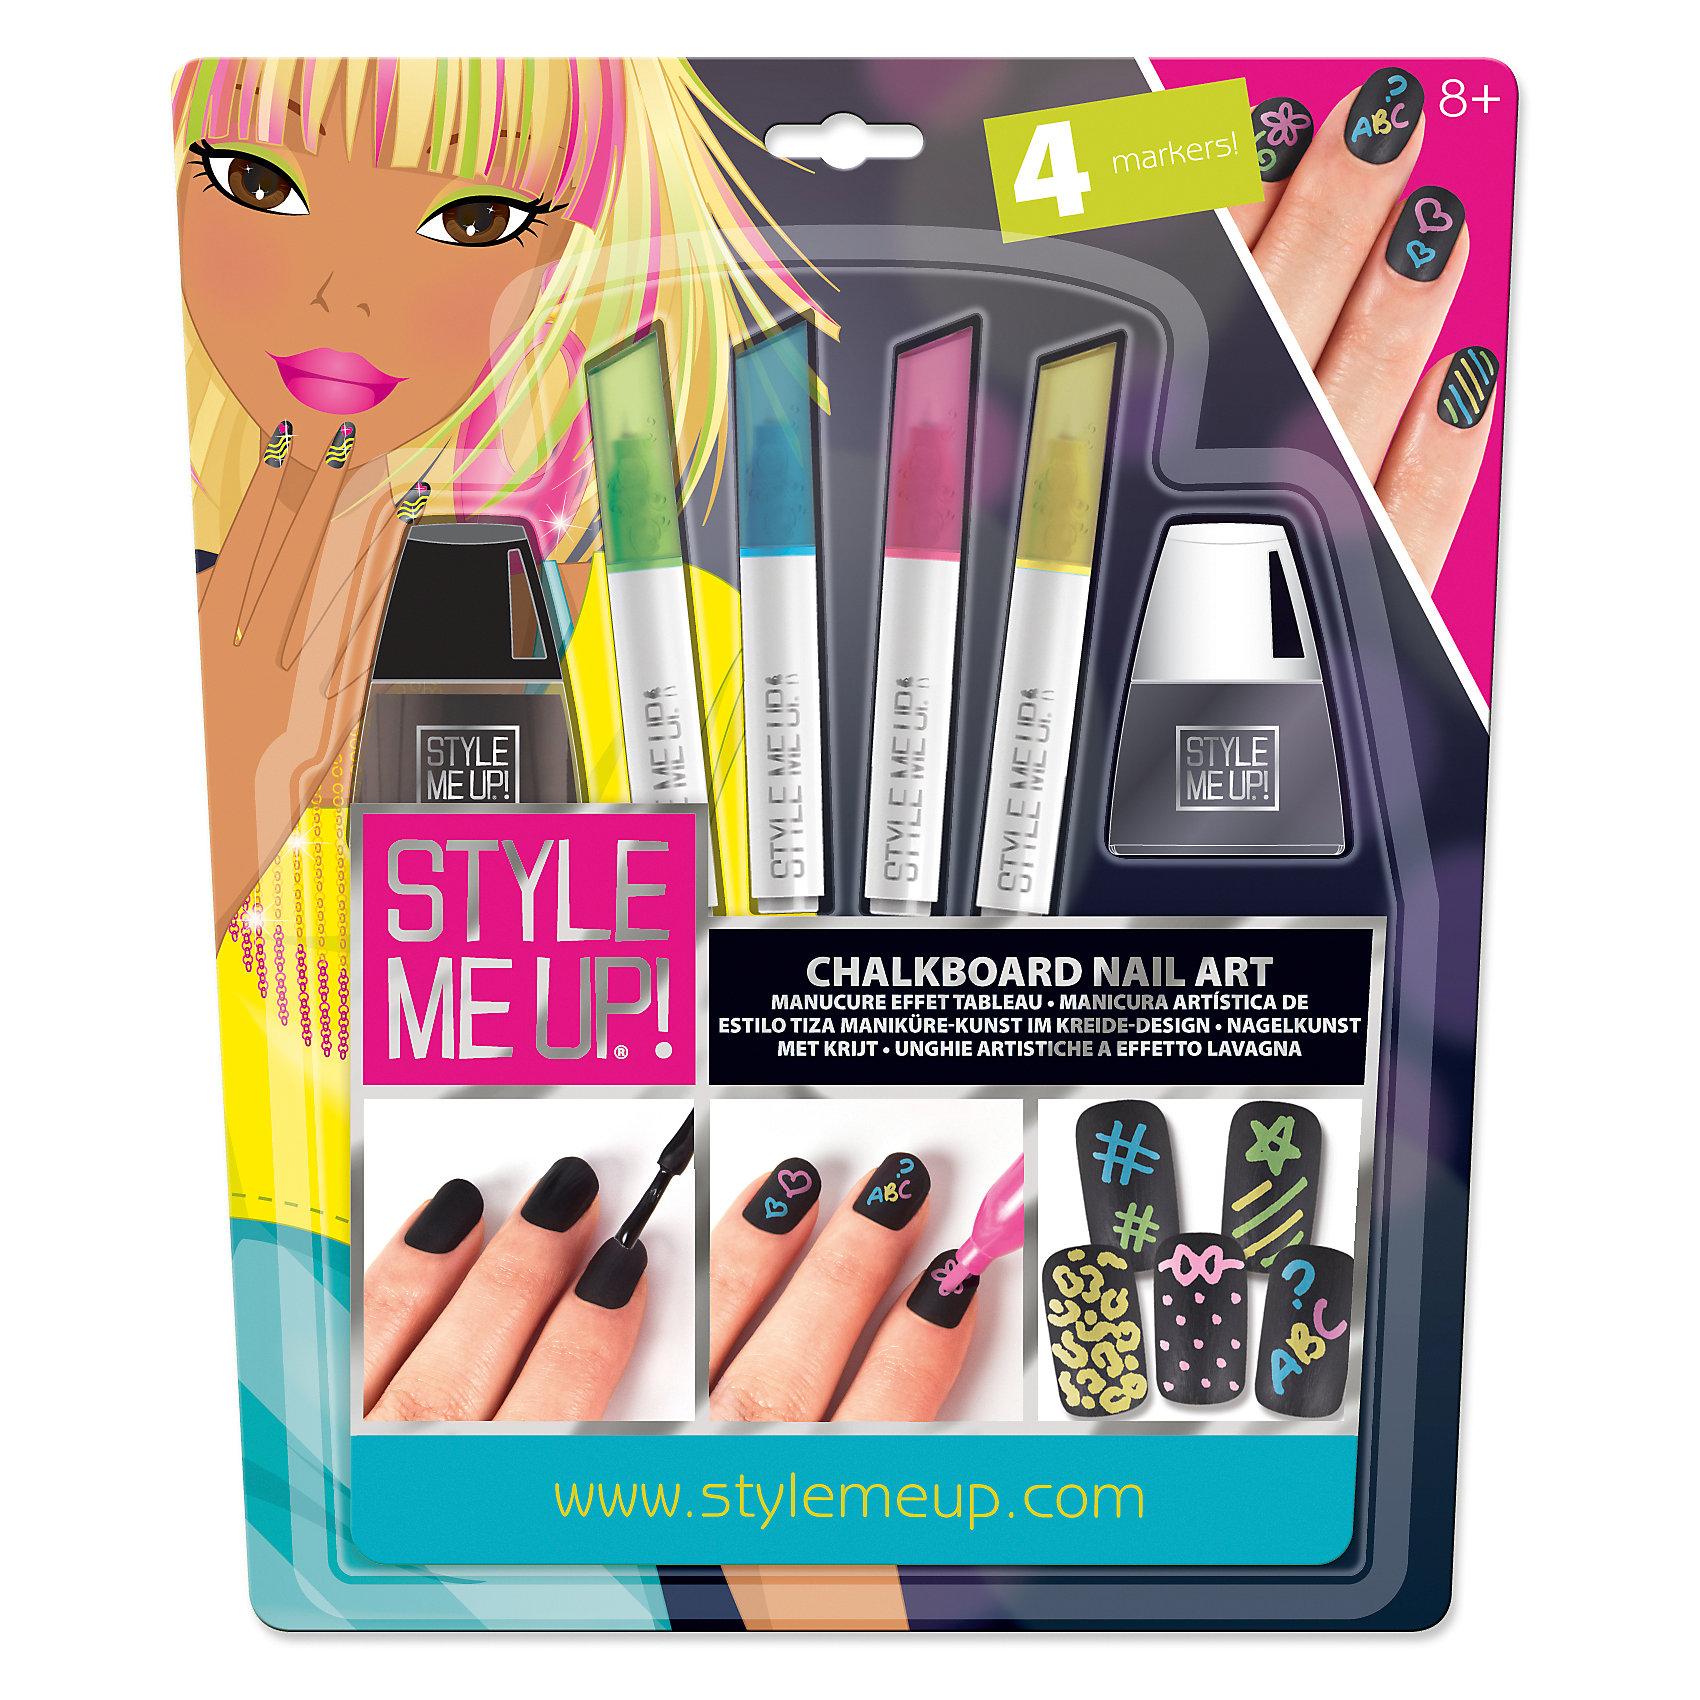 Набор Маникюр с цветными мелкамиЕсли ты до сих пор думаешь, что ногти можно красить исключительно лаком для ногтей, то «Маникюр с цветными мелками» от STYLE ME UP! перечеркнет твои представления о маникюре и станет настоящим открытием!<br><br>Крась ногти лаком, а затем цветными мелками рисуй на них все, что только пожелаешь! Если изображение получилось неровным или появилась более интересная идея, просто сотри рисунок водой и скорее создавай новый шедевр!<br><br>В одном наборе так много интересного для реализации твоих творческих идей:<br>флакон черного лака для ногтей;<br>1 флакон прозрачного лака для ногтей;<br>3 маркера с жидким мелом голубого, розового и зеленого цветов;<br>иллюстрированные инструкции.<br><br>Ширина мм: 229<br>Глубина мм: 267<br>Высота мм: 20<br>Вес г: 167<br>Возраст от месяцев: 96<br>Возраст до месяцев: 192<br>Пол: Женский<br>Возраст: Детский<br>SKU: 4789499